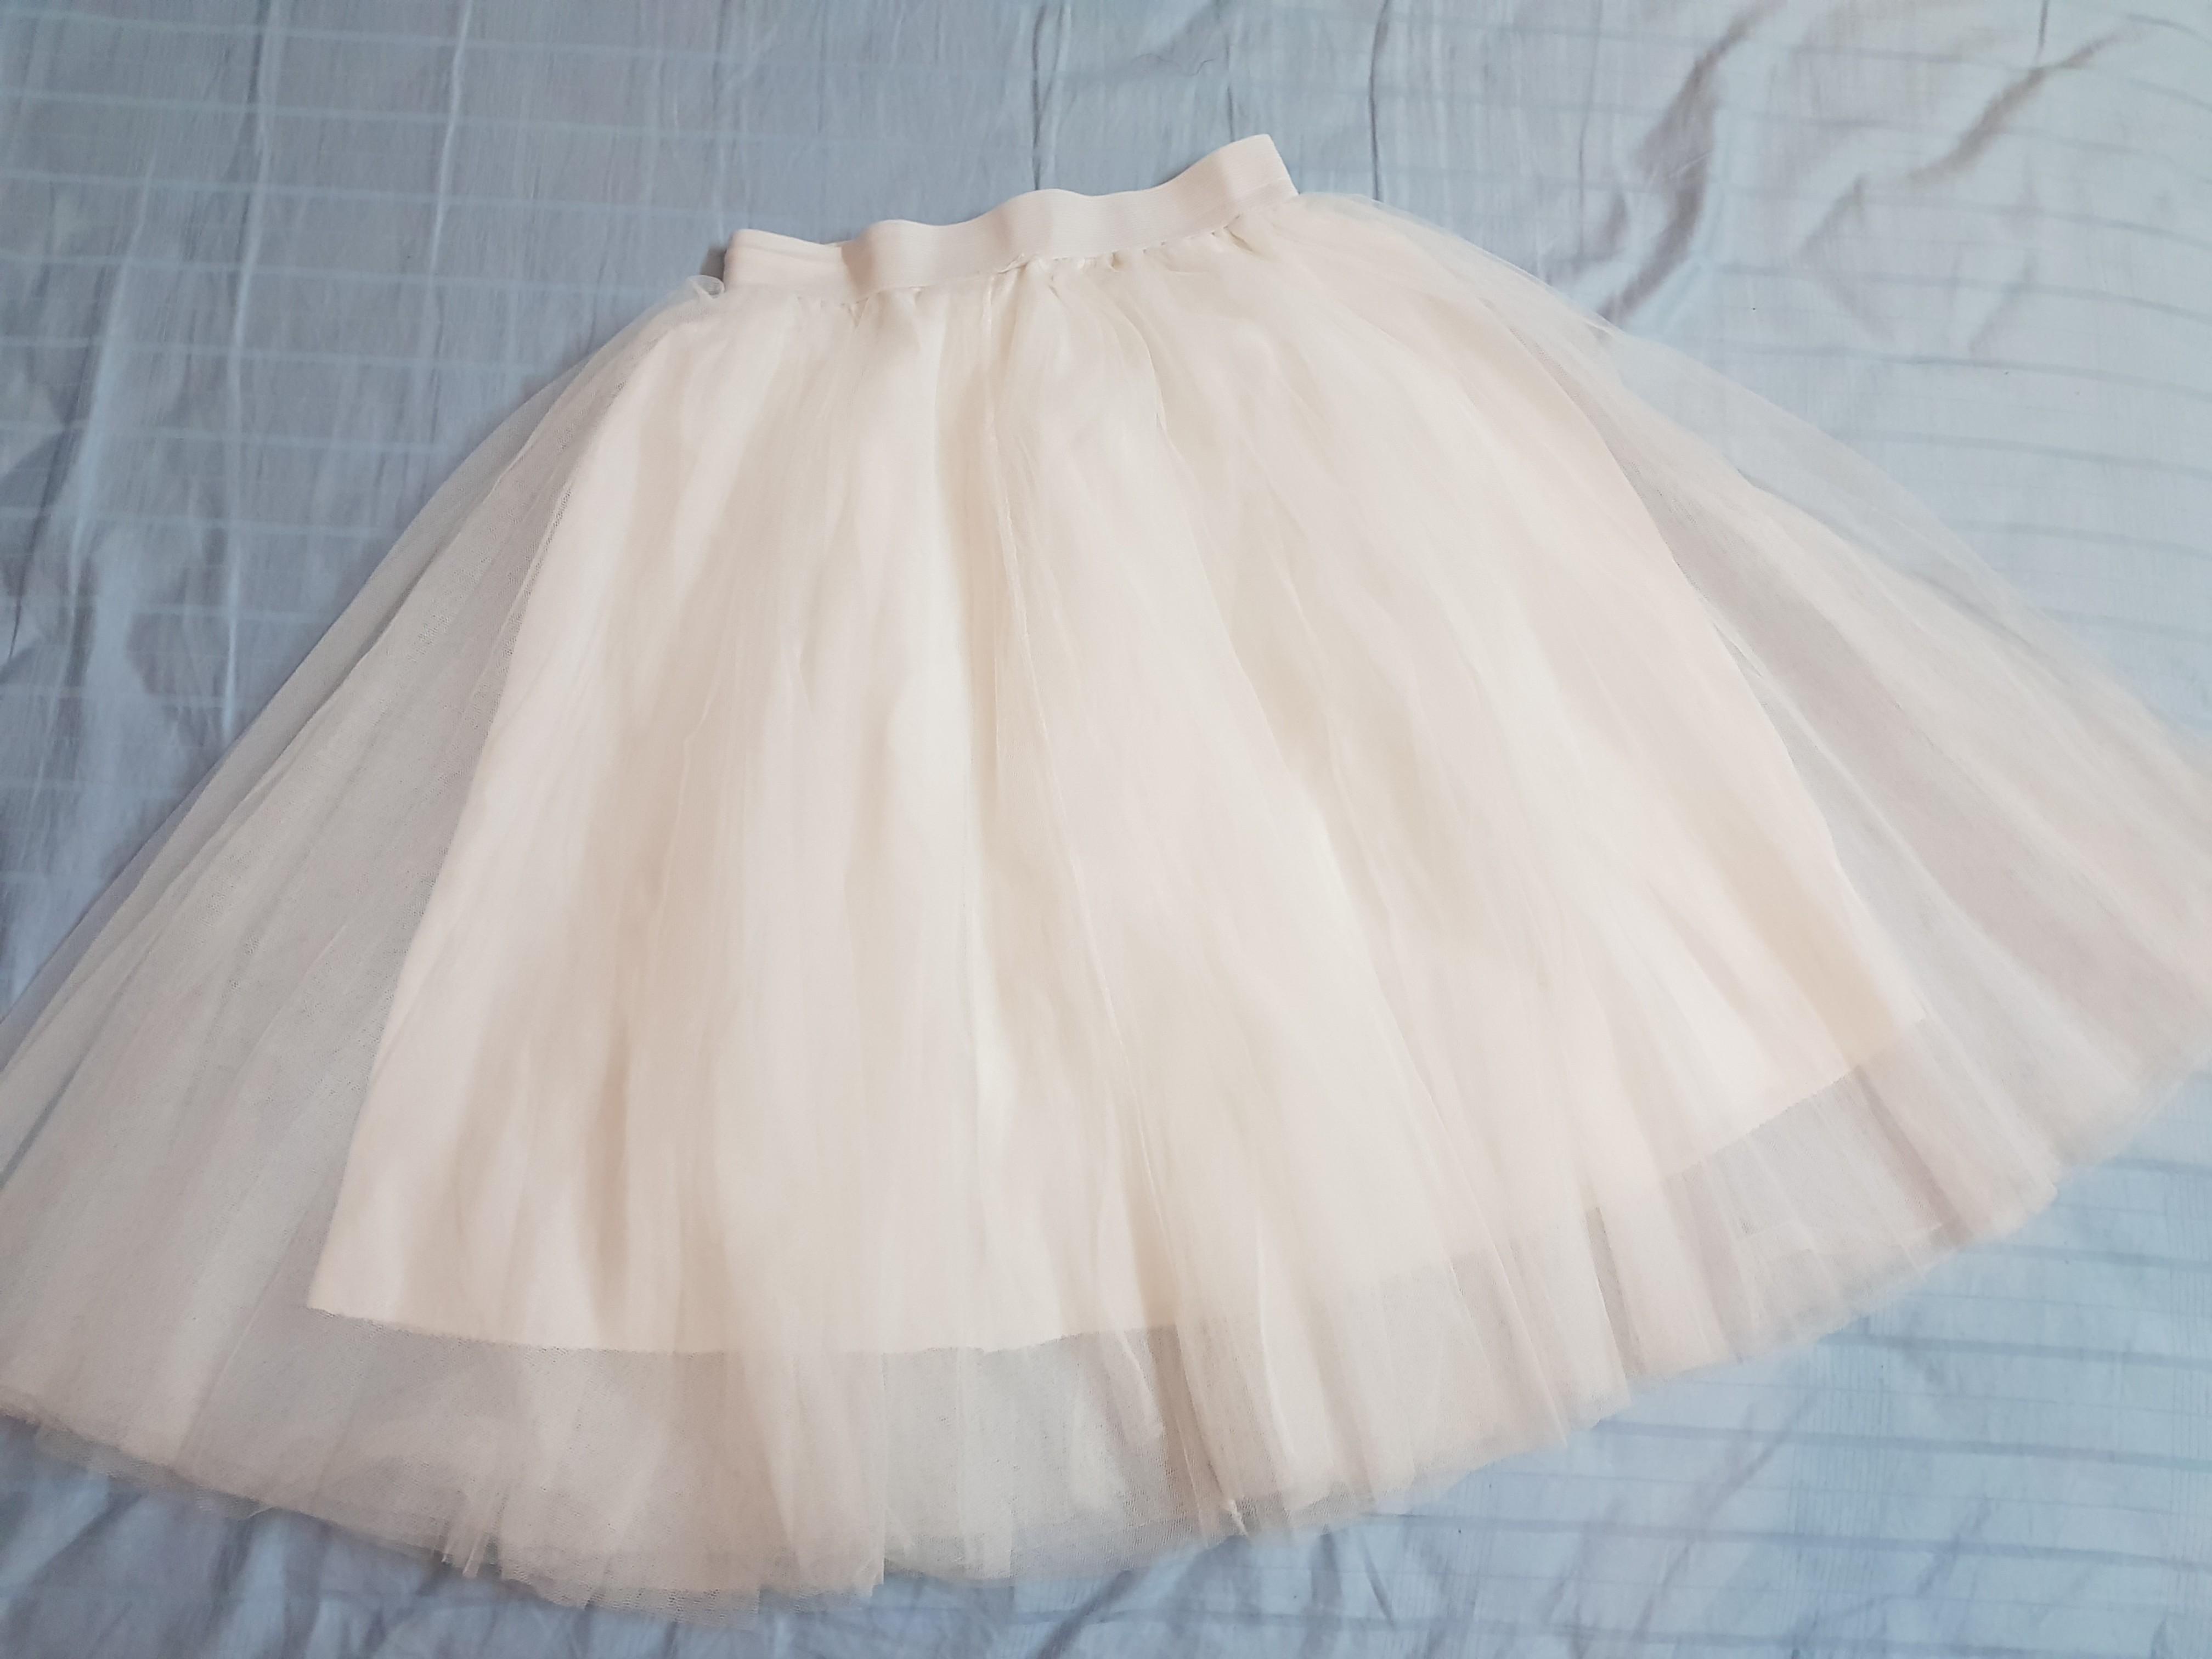 e8c9837f5 White tutu skirt / fluffy skirt, Women's Fashion, Clothes, Dresses ...